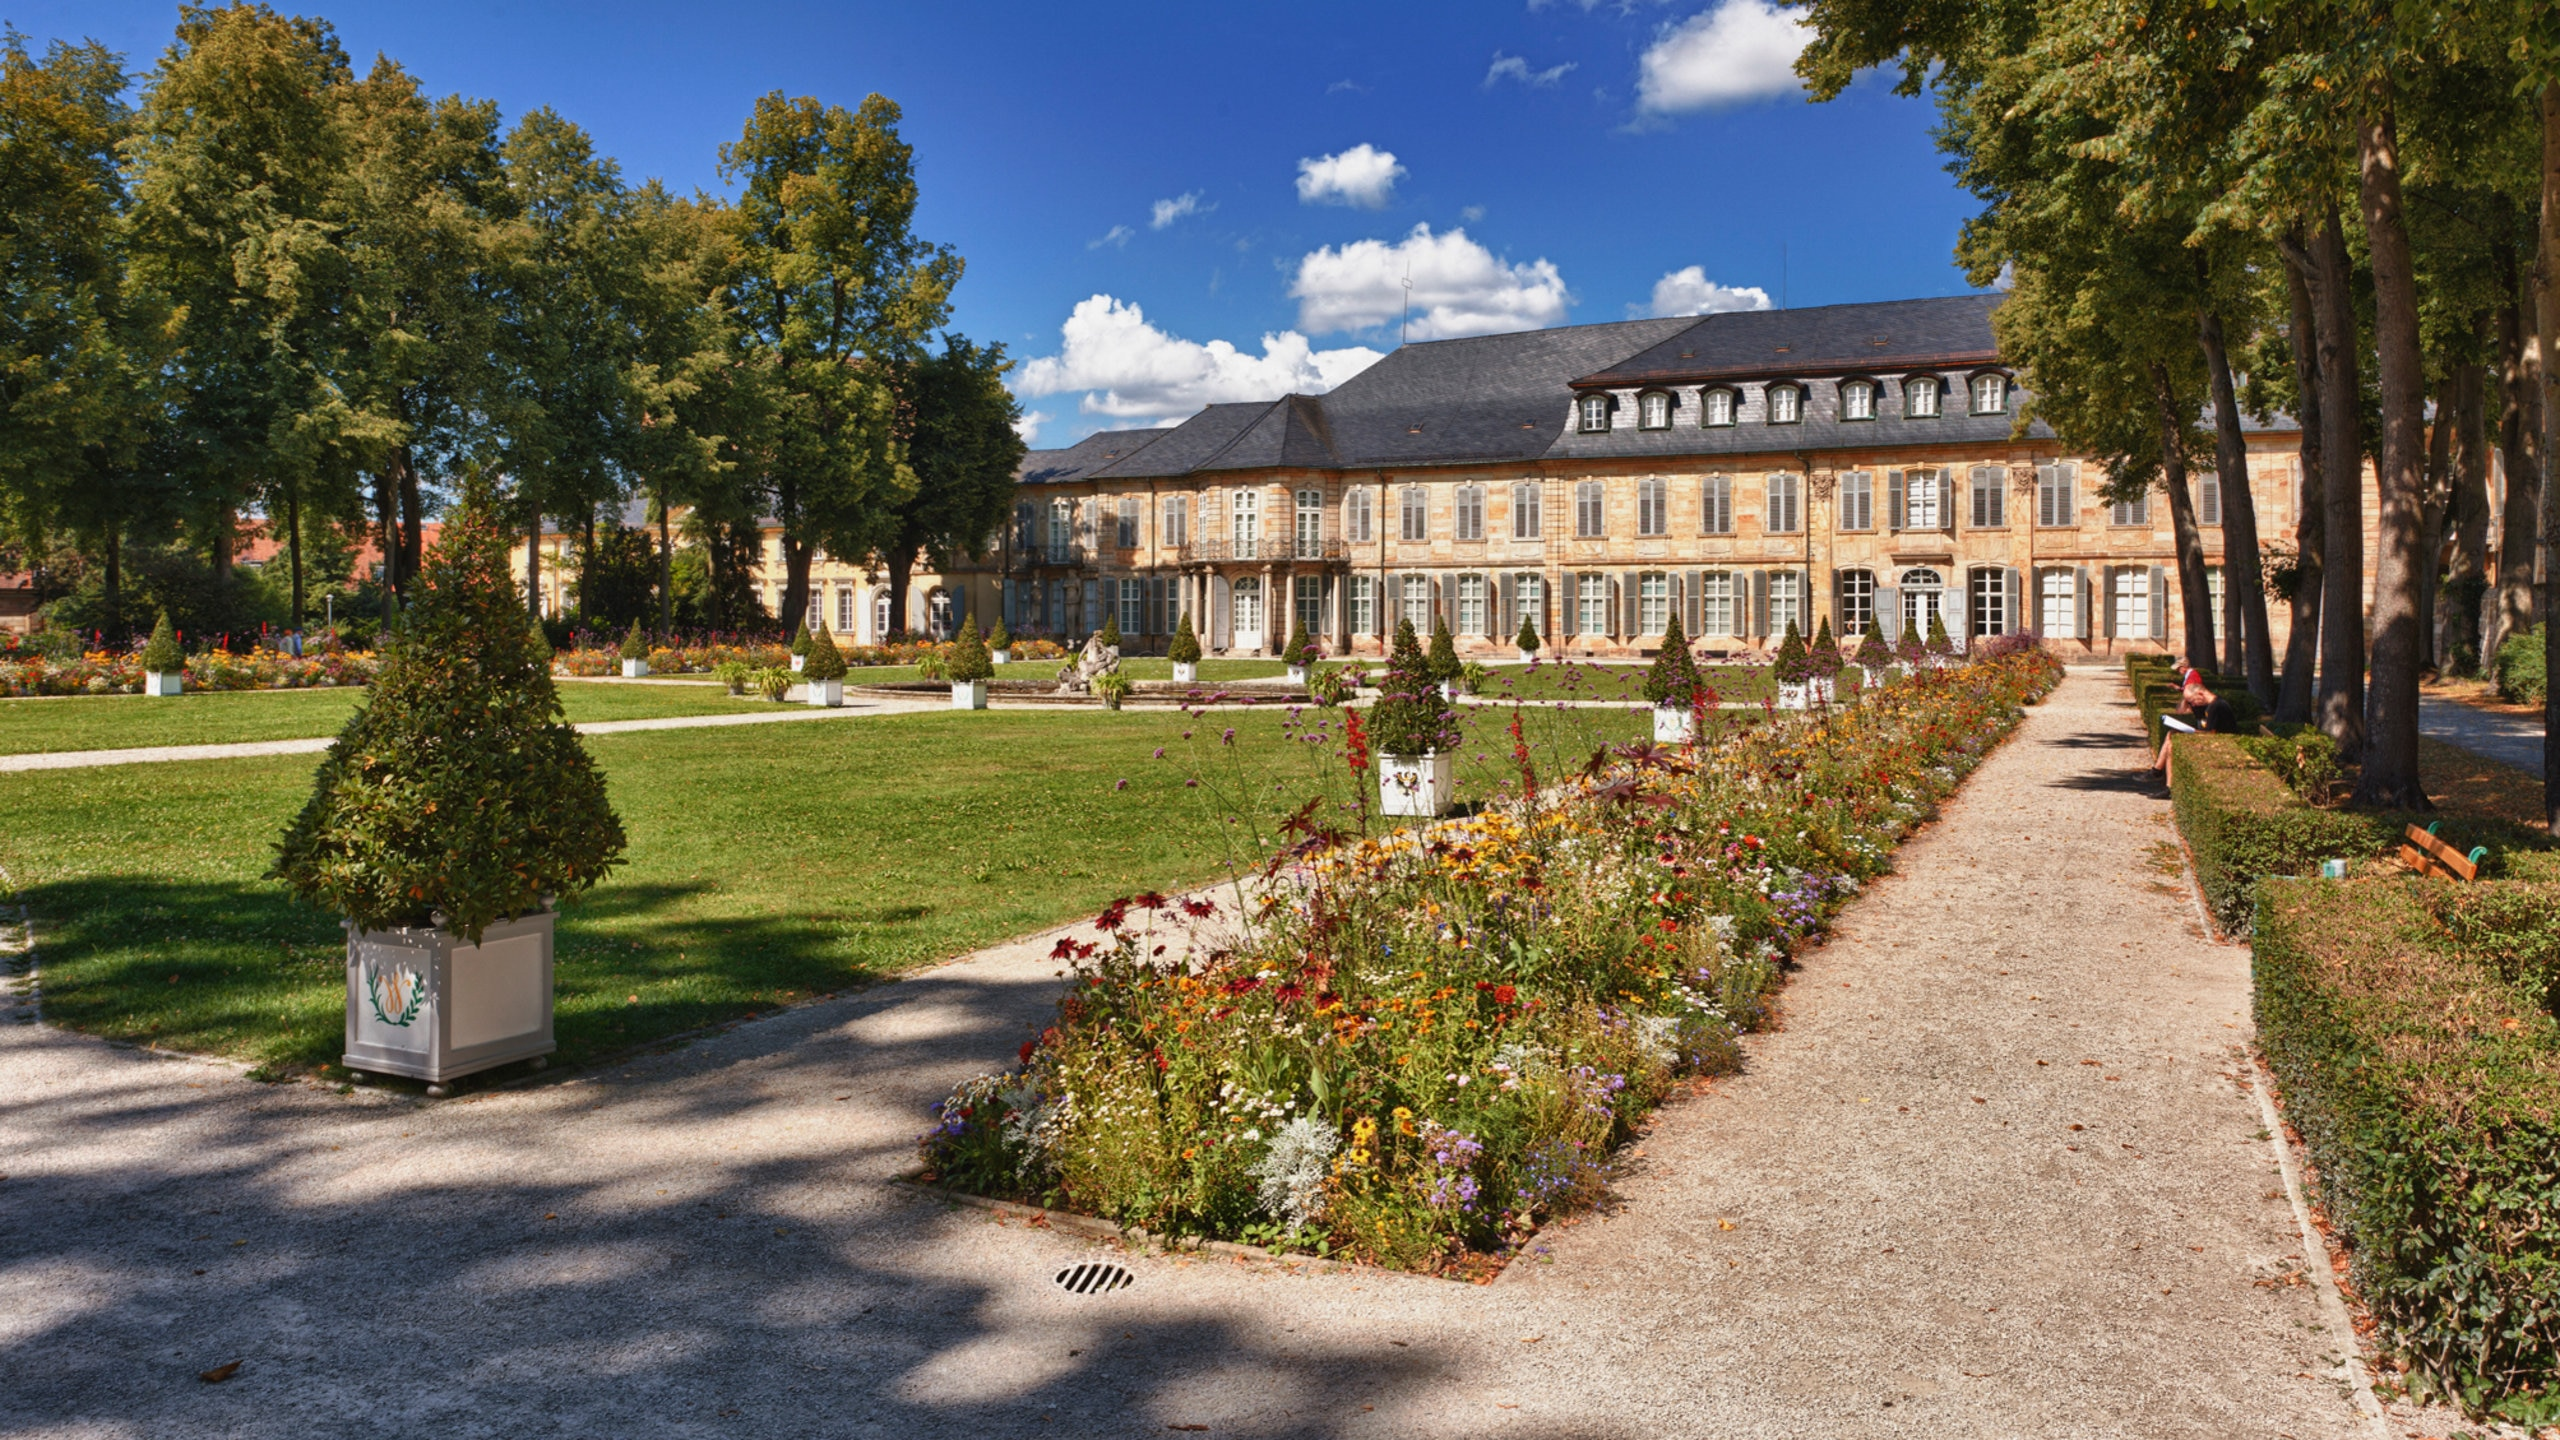 Neues Schloss Bayreuth, Bayreuth, Bayern, Deutschland